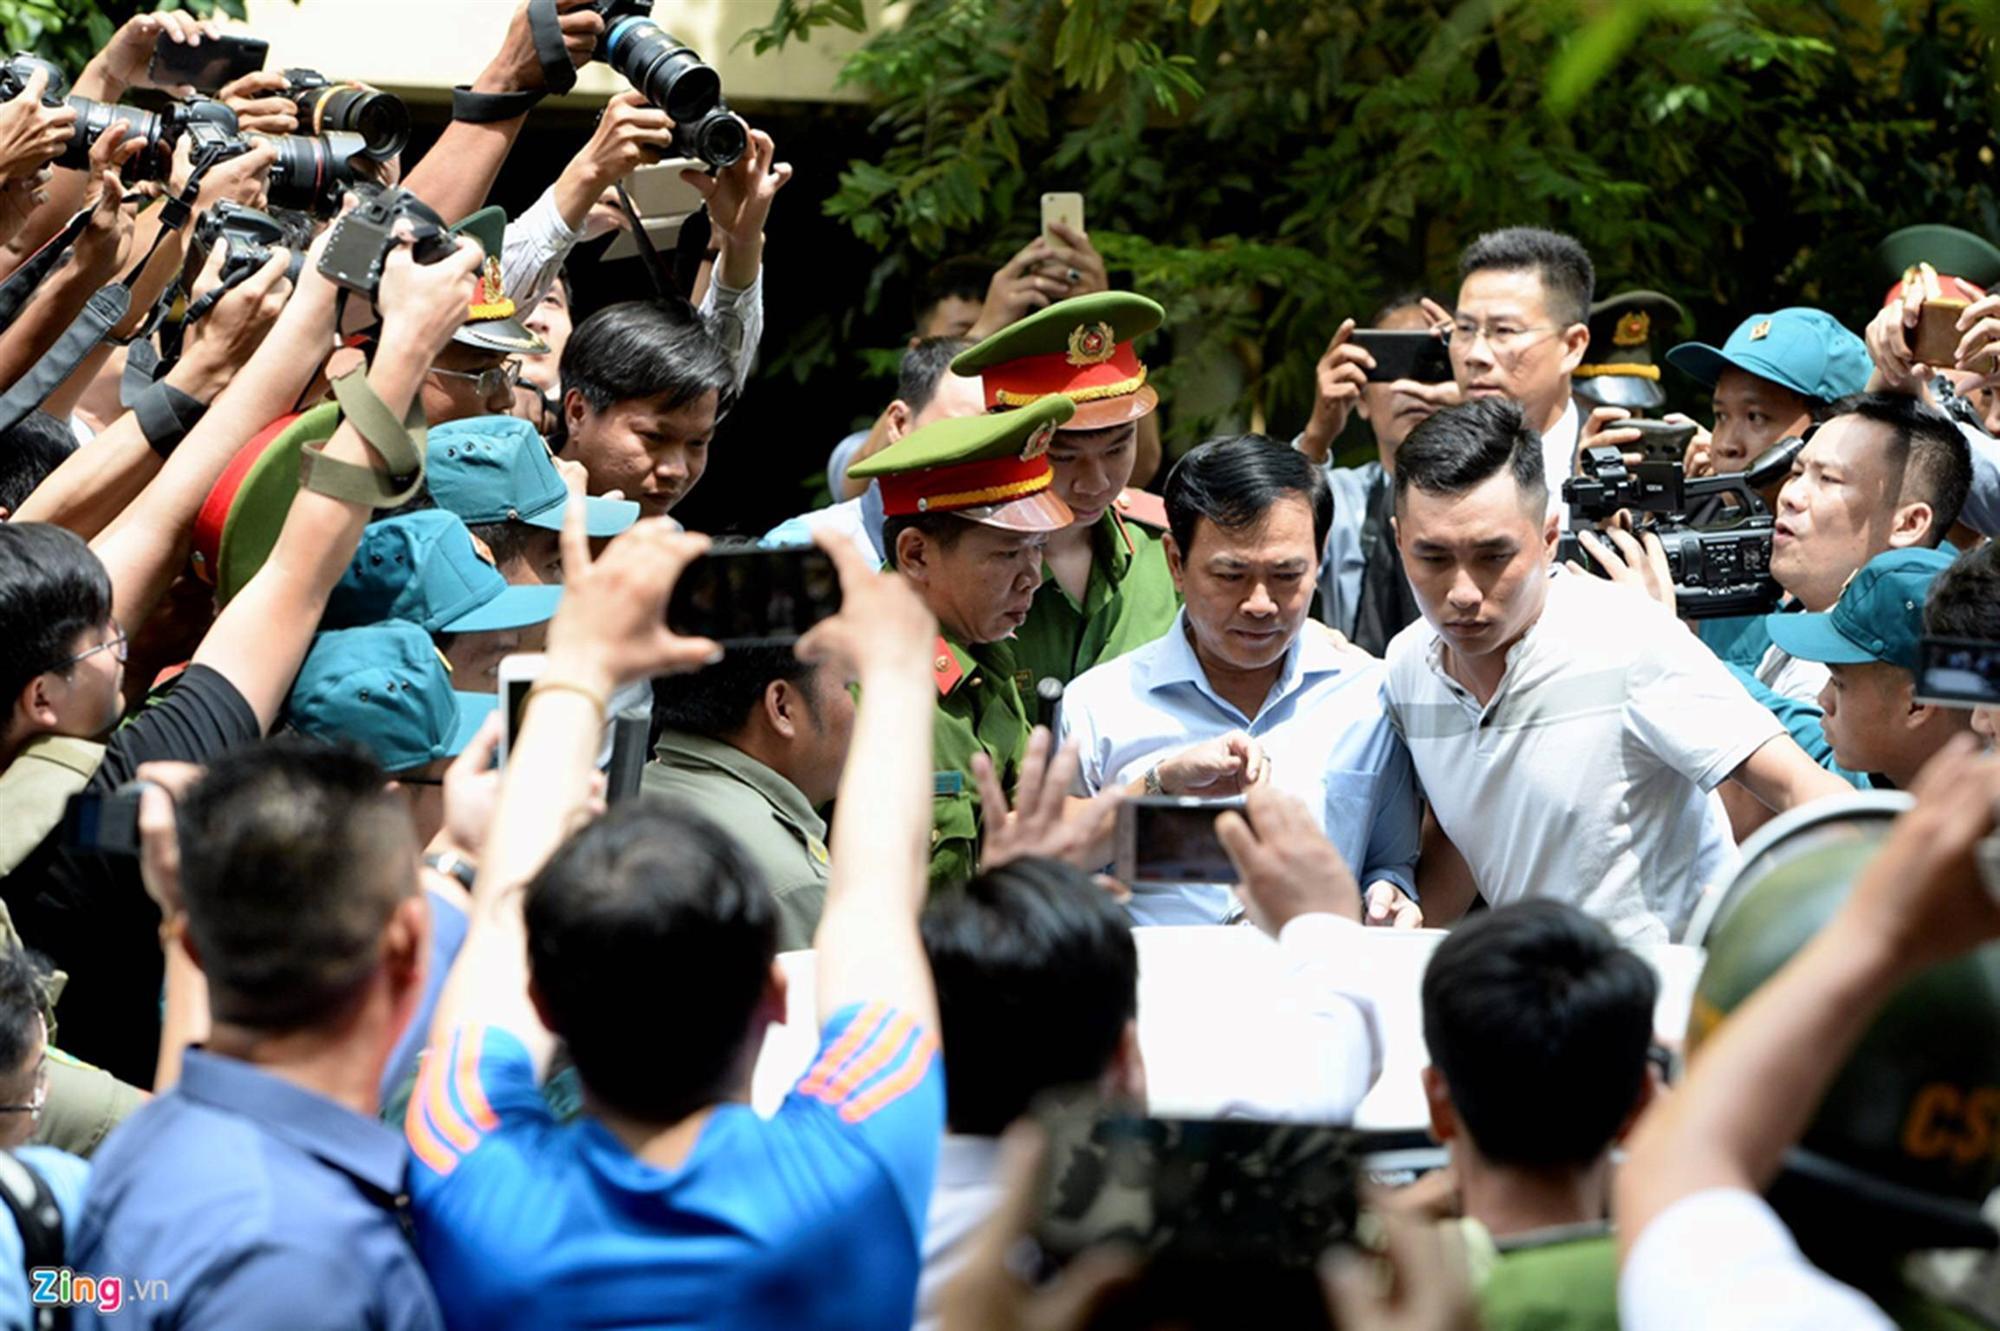 Hàng chục cảnh sát hộ tống Nguyễn Hữu Linh rời tòa-5